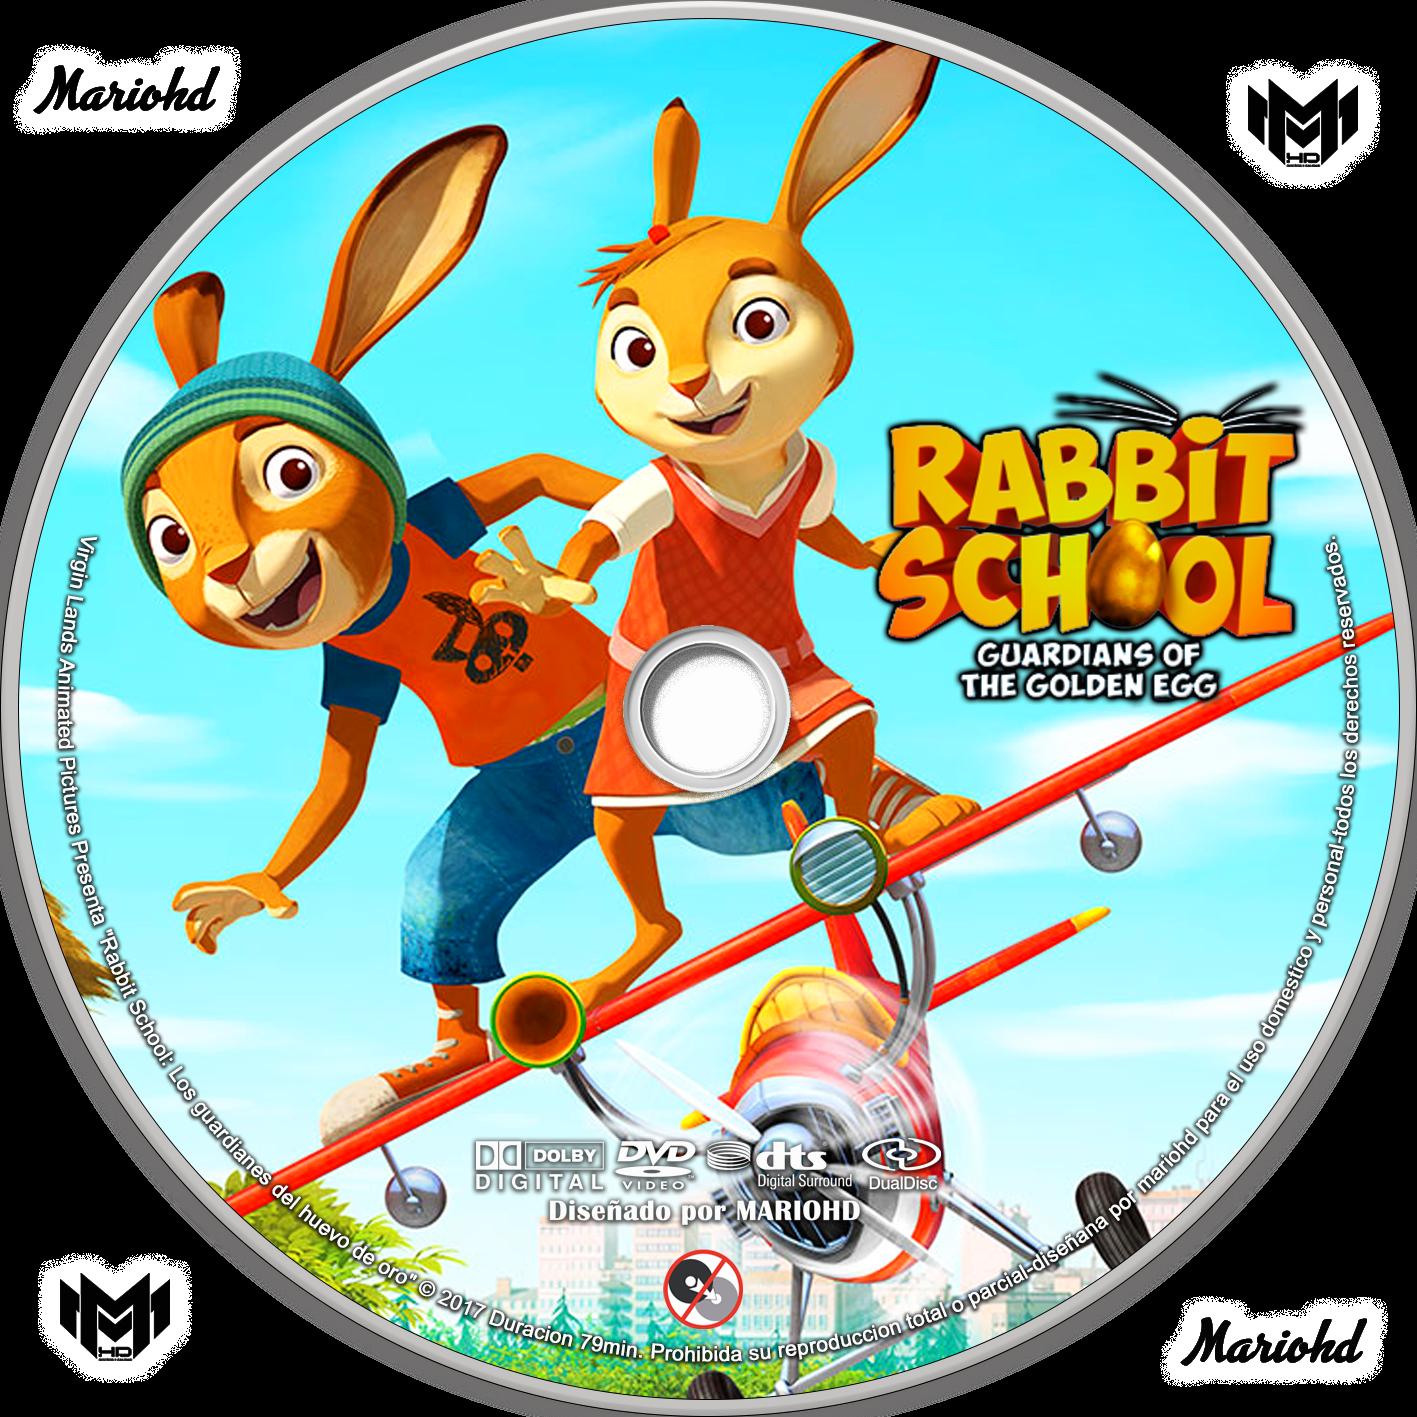 rabbit school guardians of the golden egg dvd